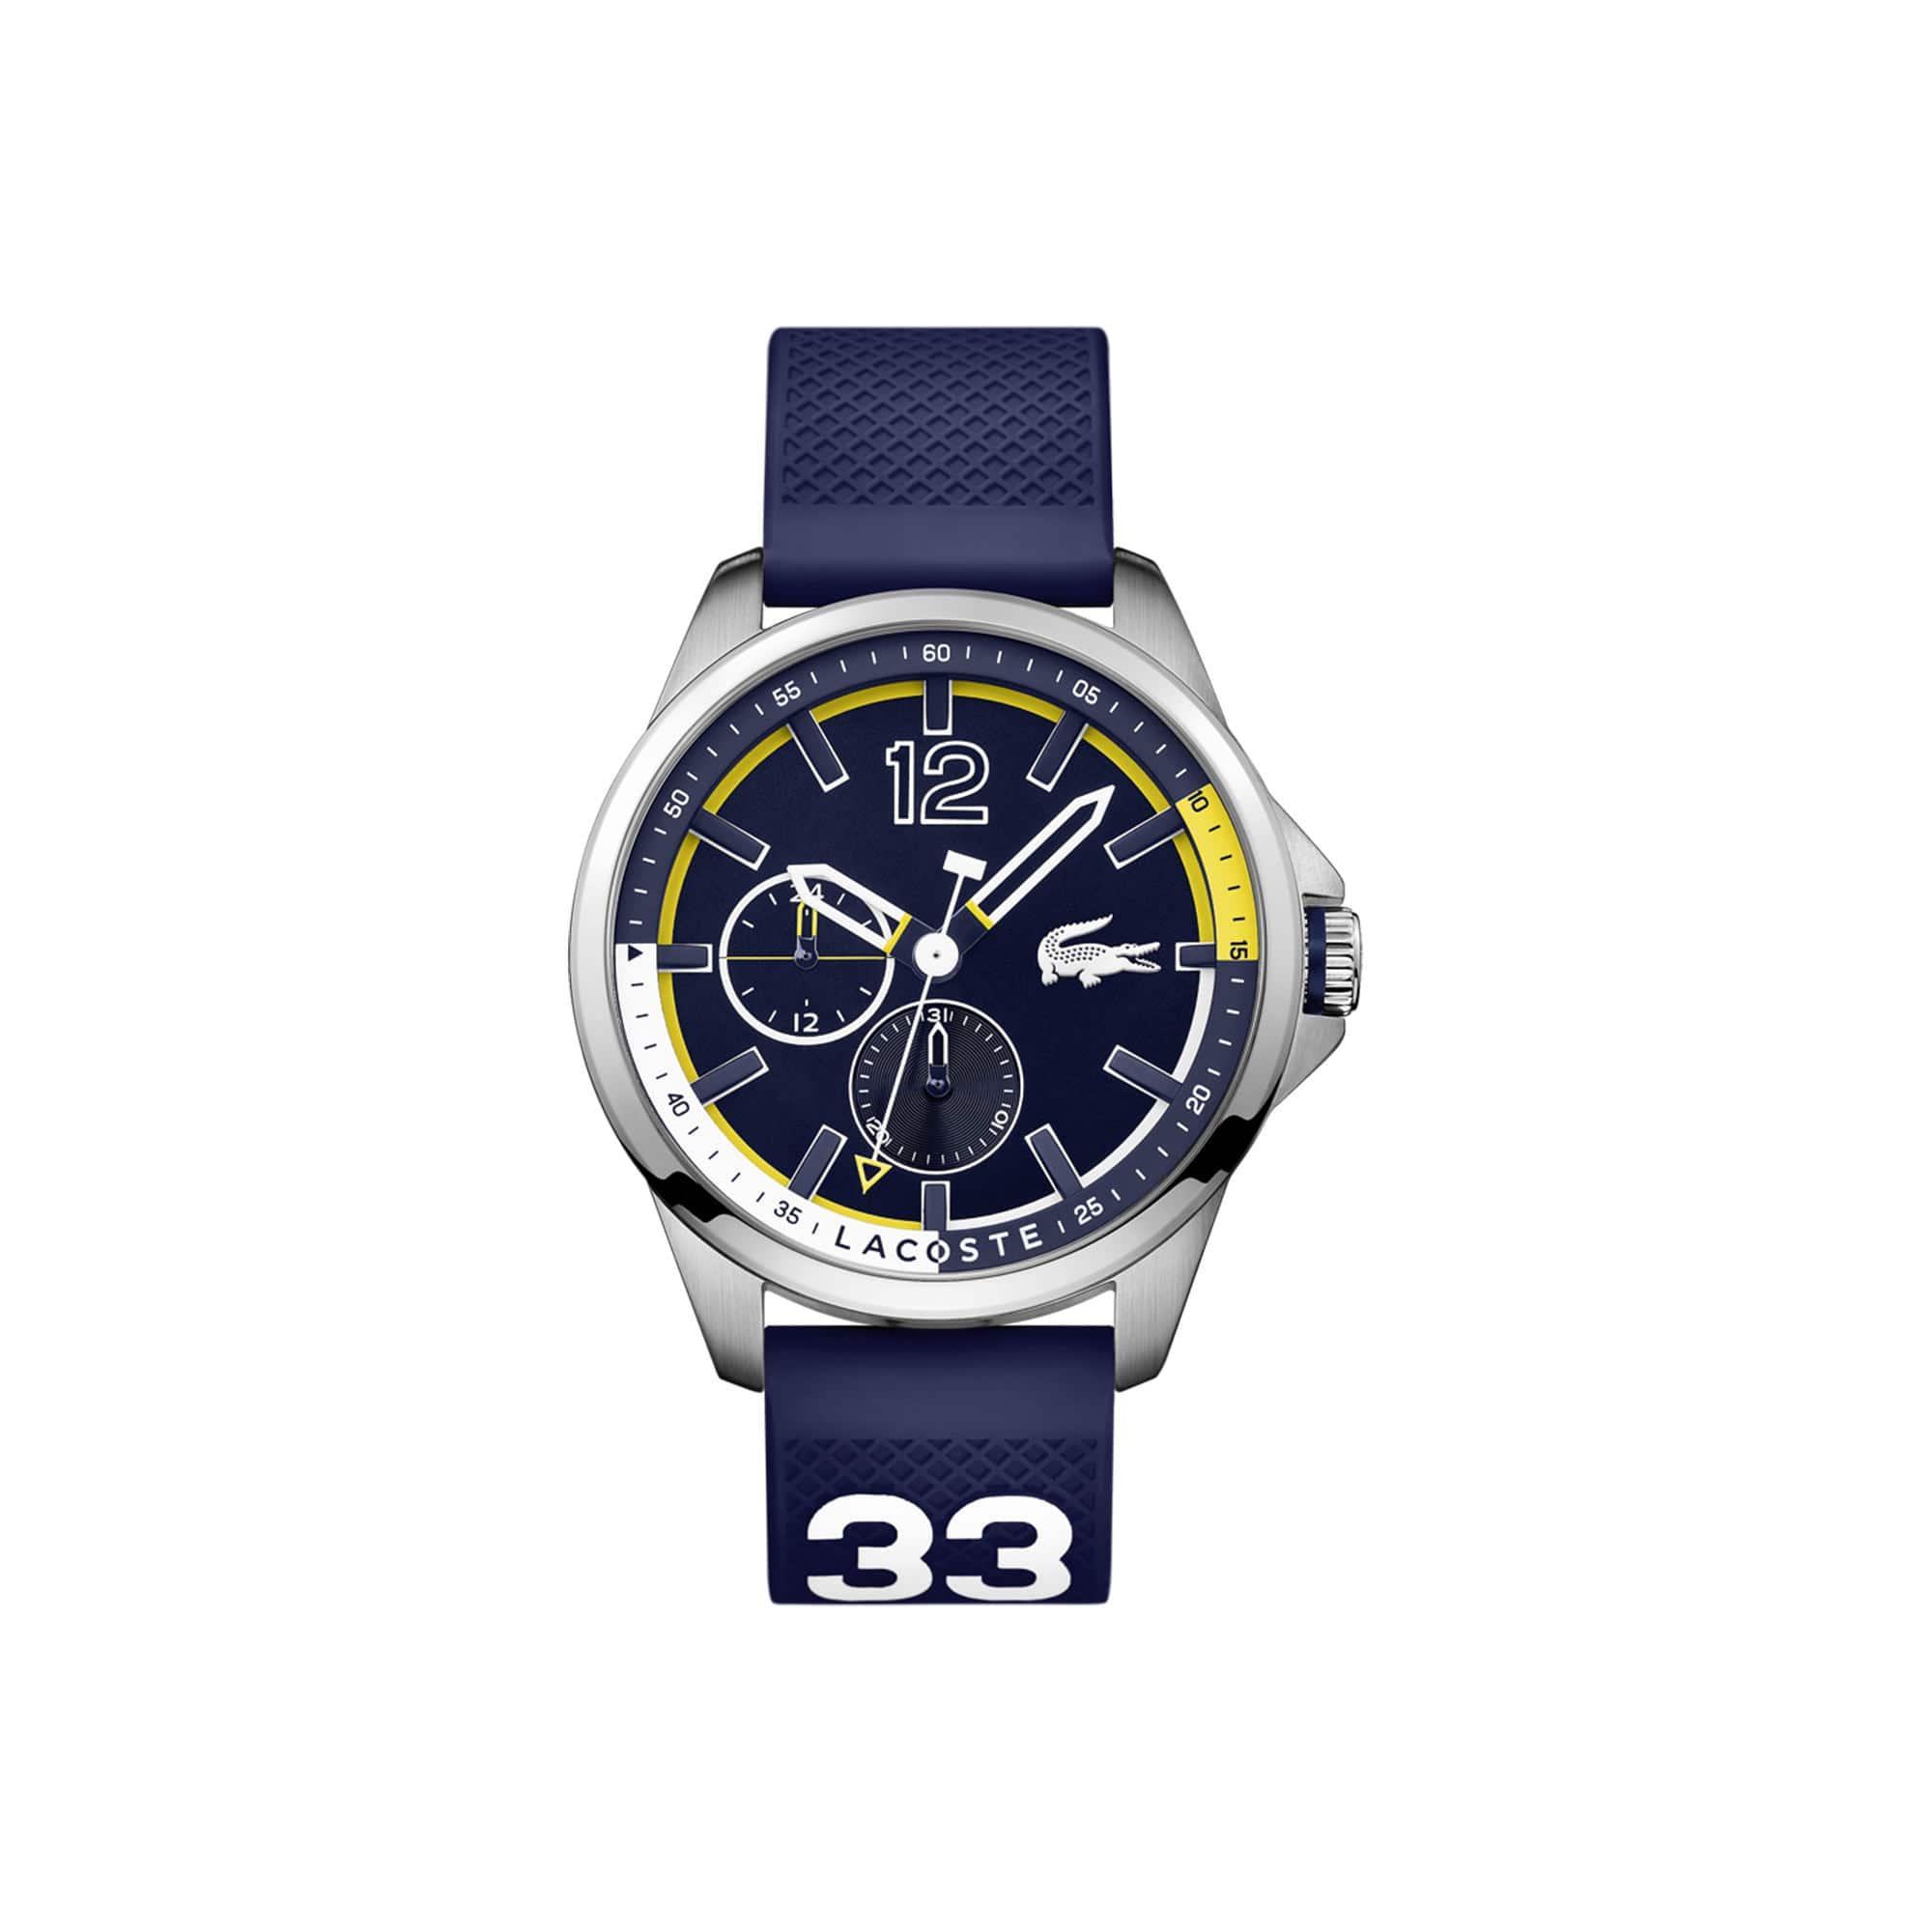 Relógio Capbreton Homem com Bracelete em Silicone Azul